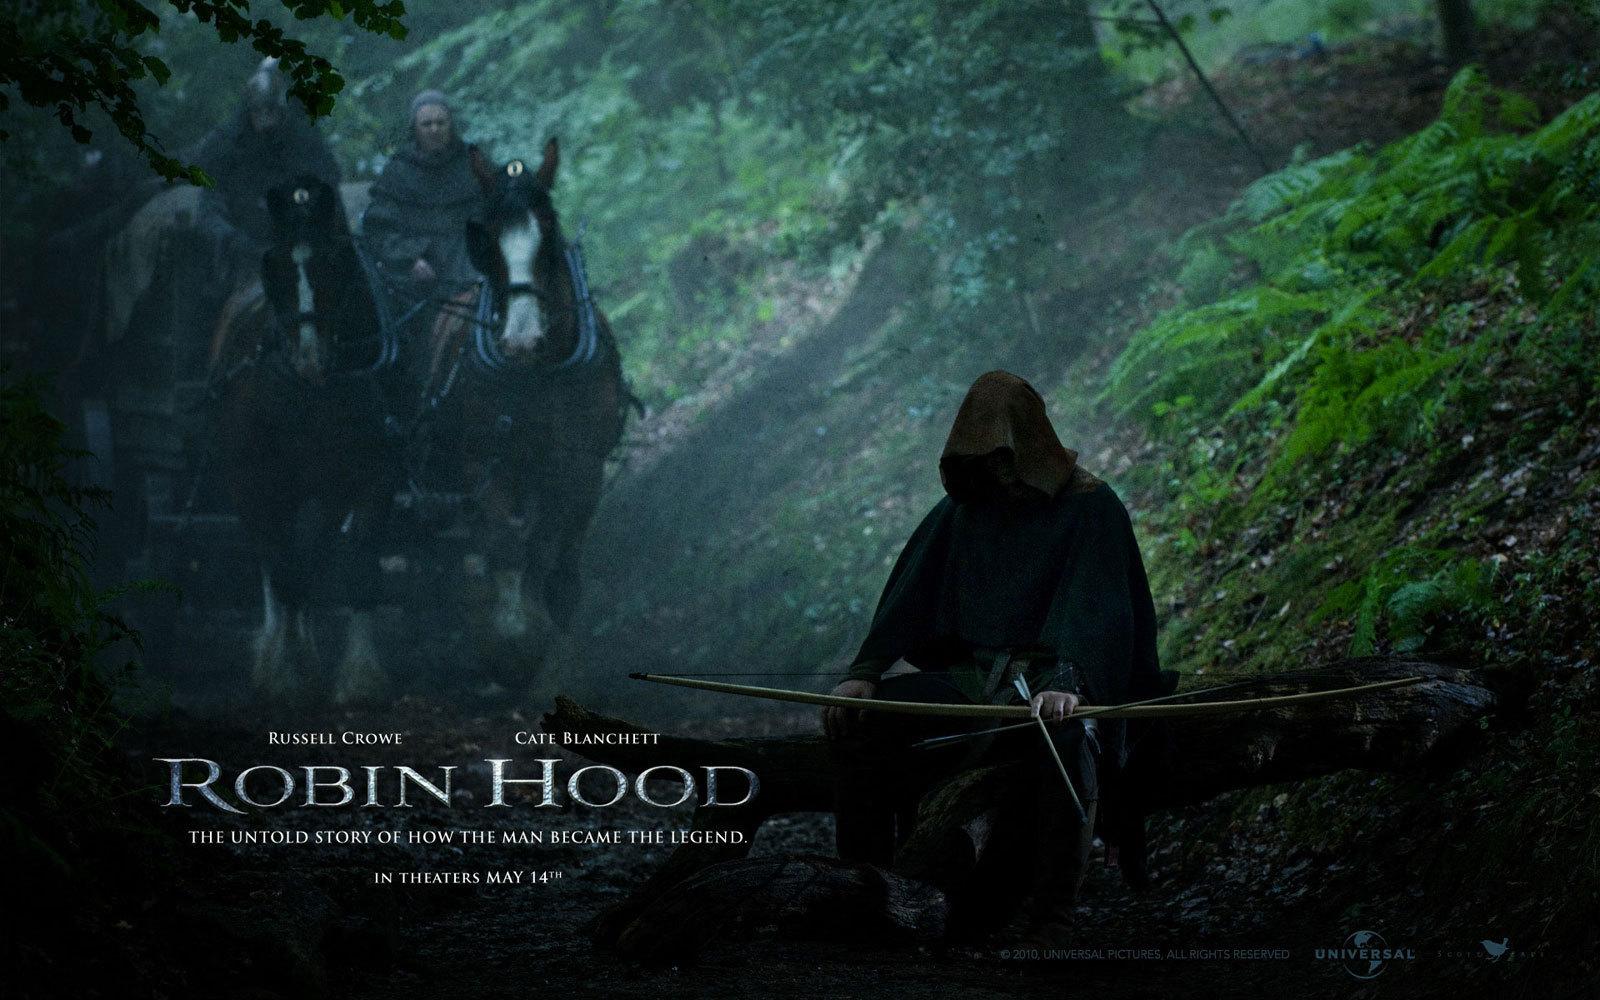 robin hood Robin di locksley, di ritorno dalle crociate con il suo amico azeem, viene espropriato delle sue terre dallo sceriffo della contea di nottingham.